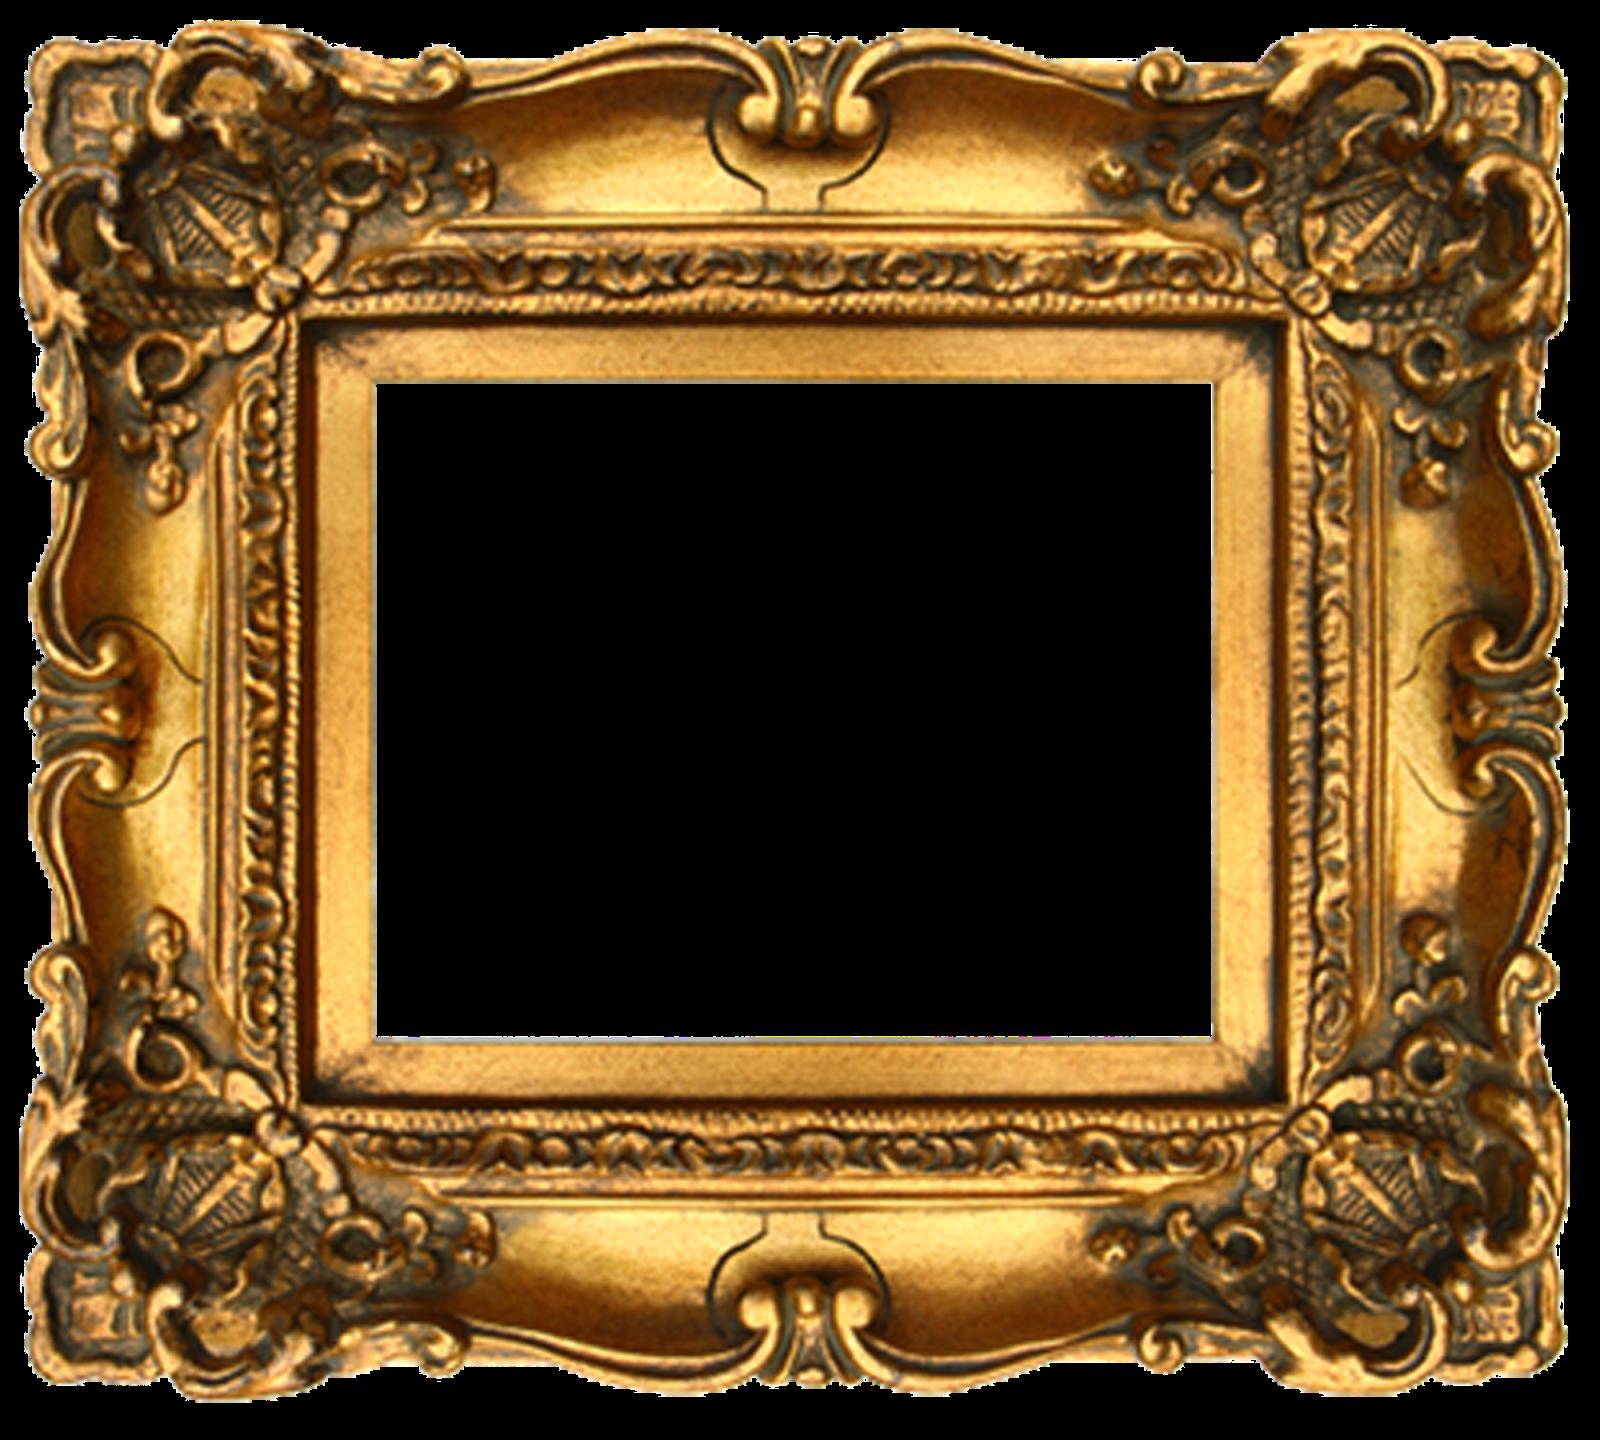 Doodlecraft gilded frames free. Vintage gold frame png